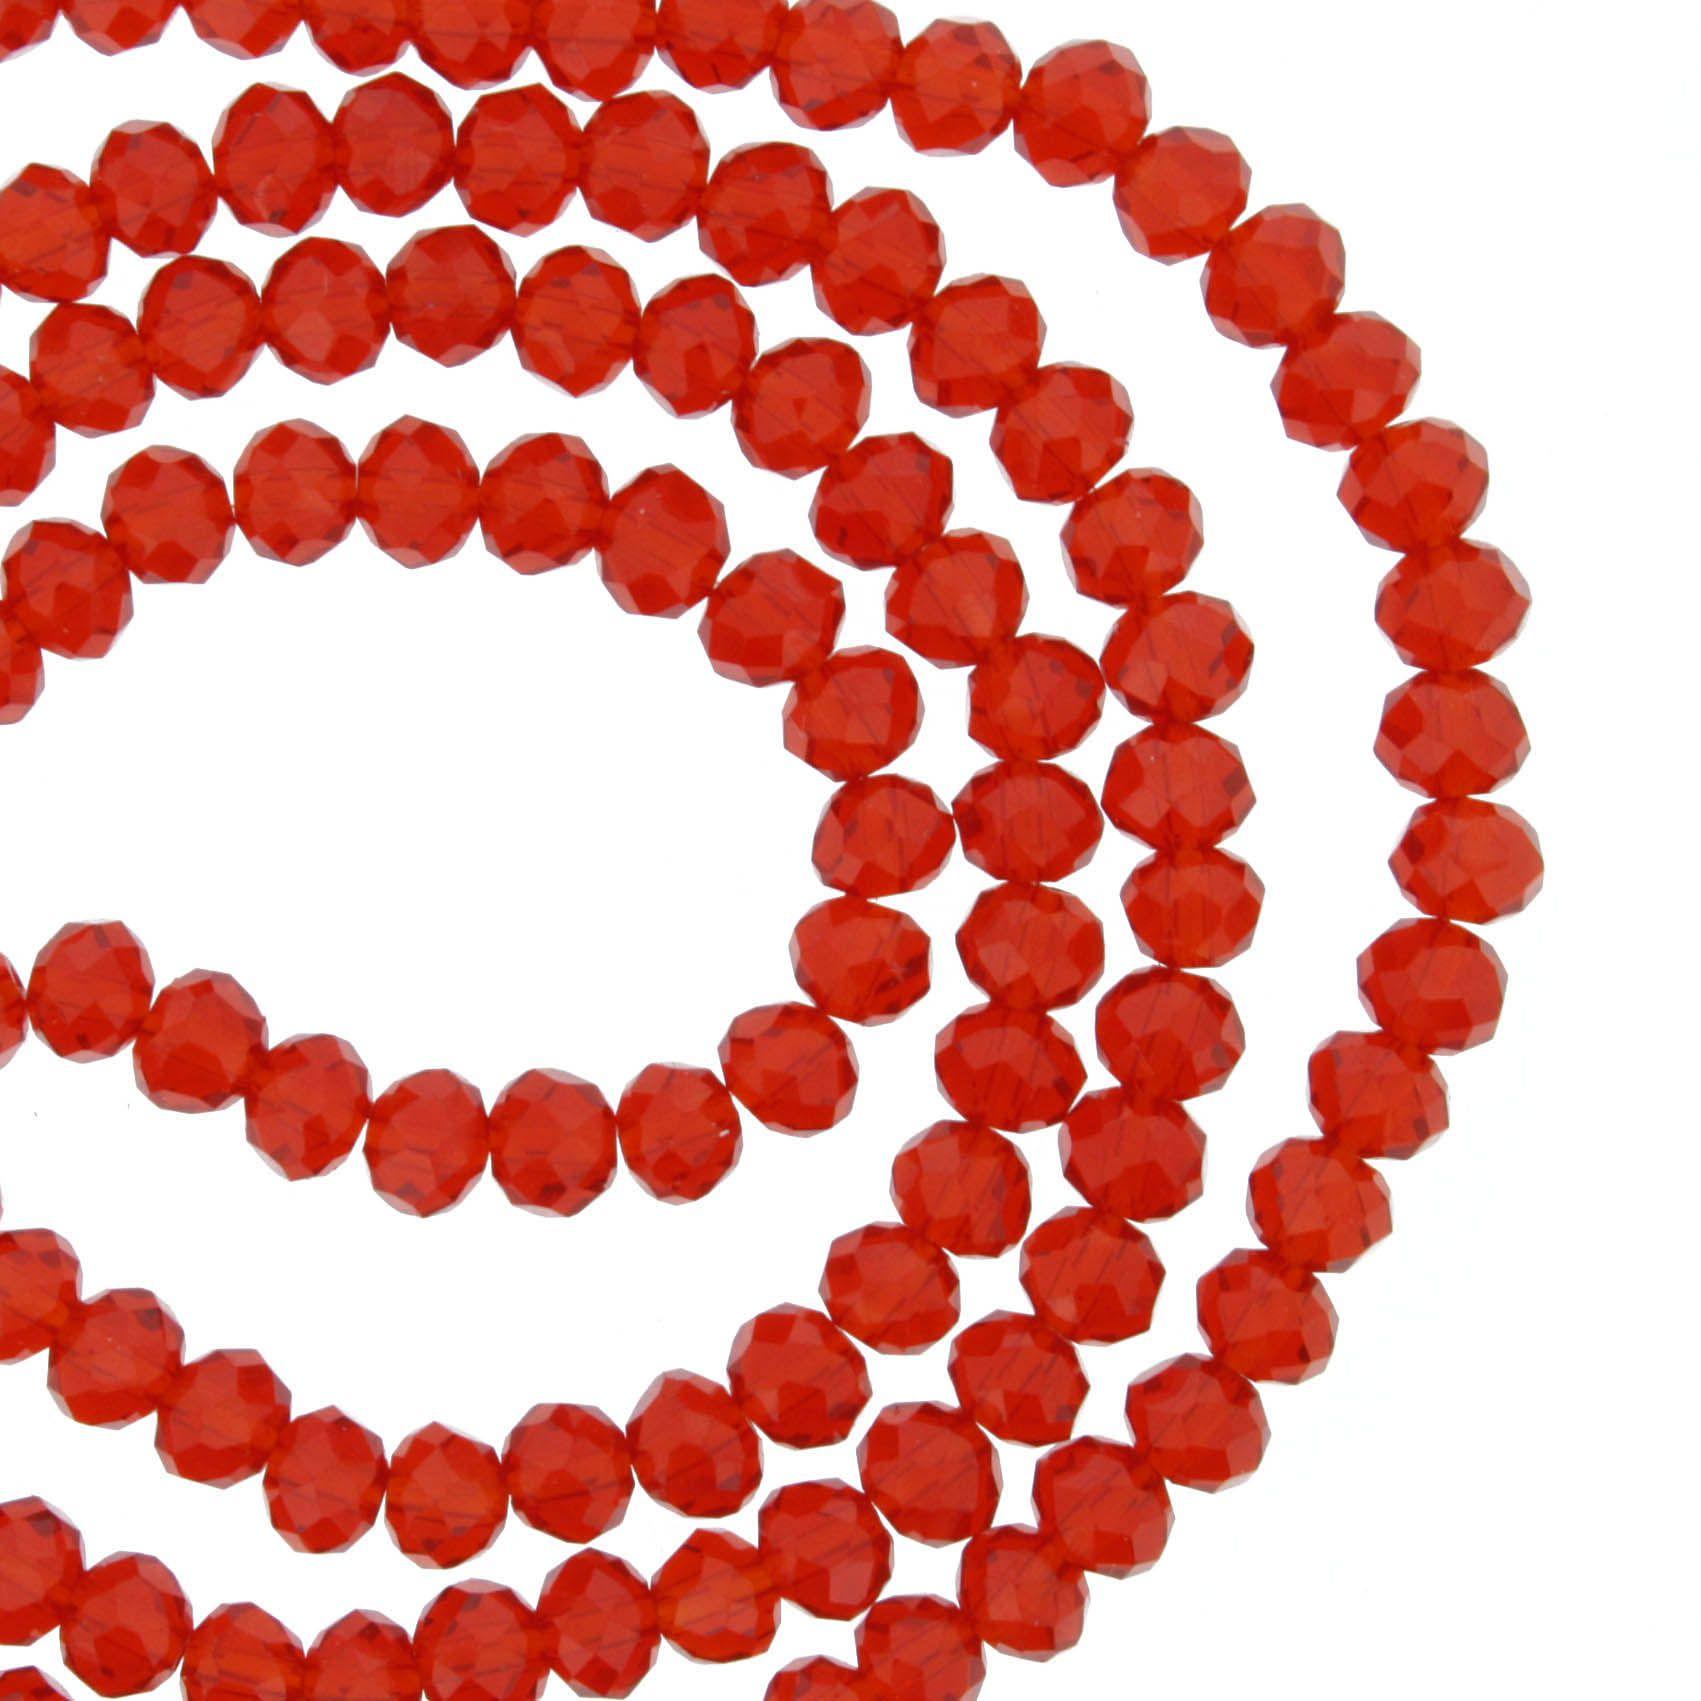 Fio de Cristal - Piatto® - Vermelho Transparente - 4mm  - Universo Religioso® - Artigos de Umbanda e Candomblé